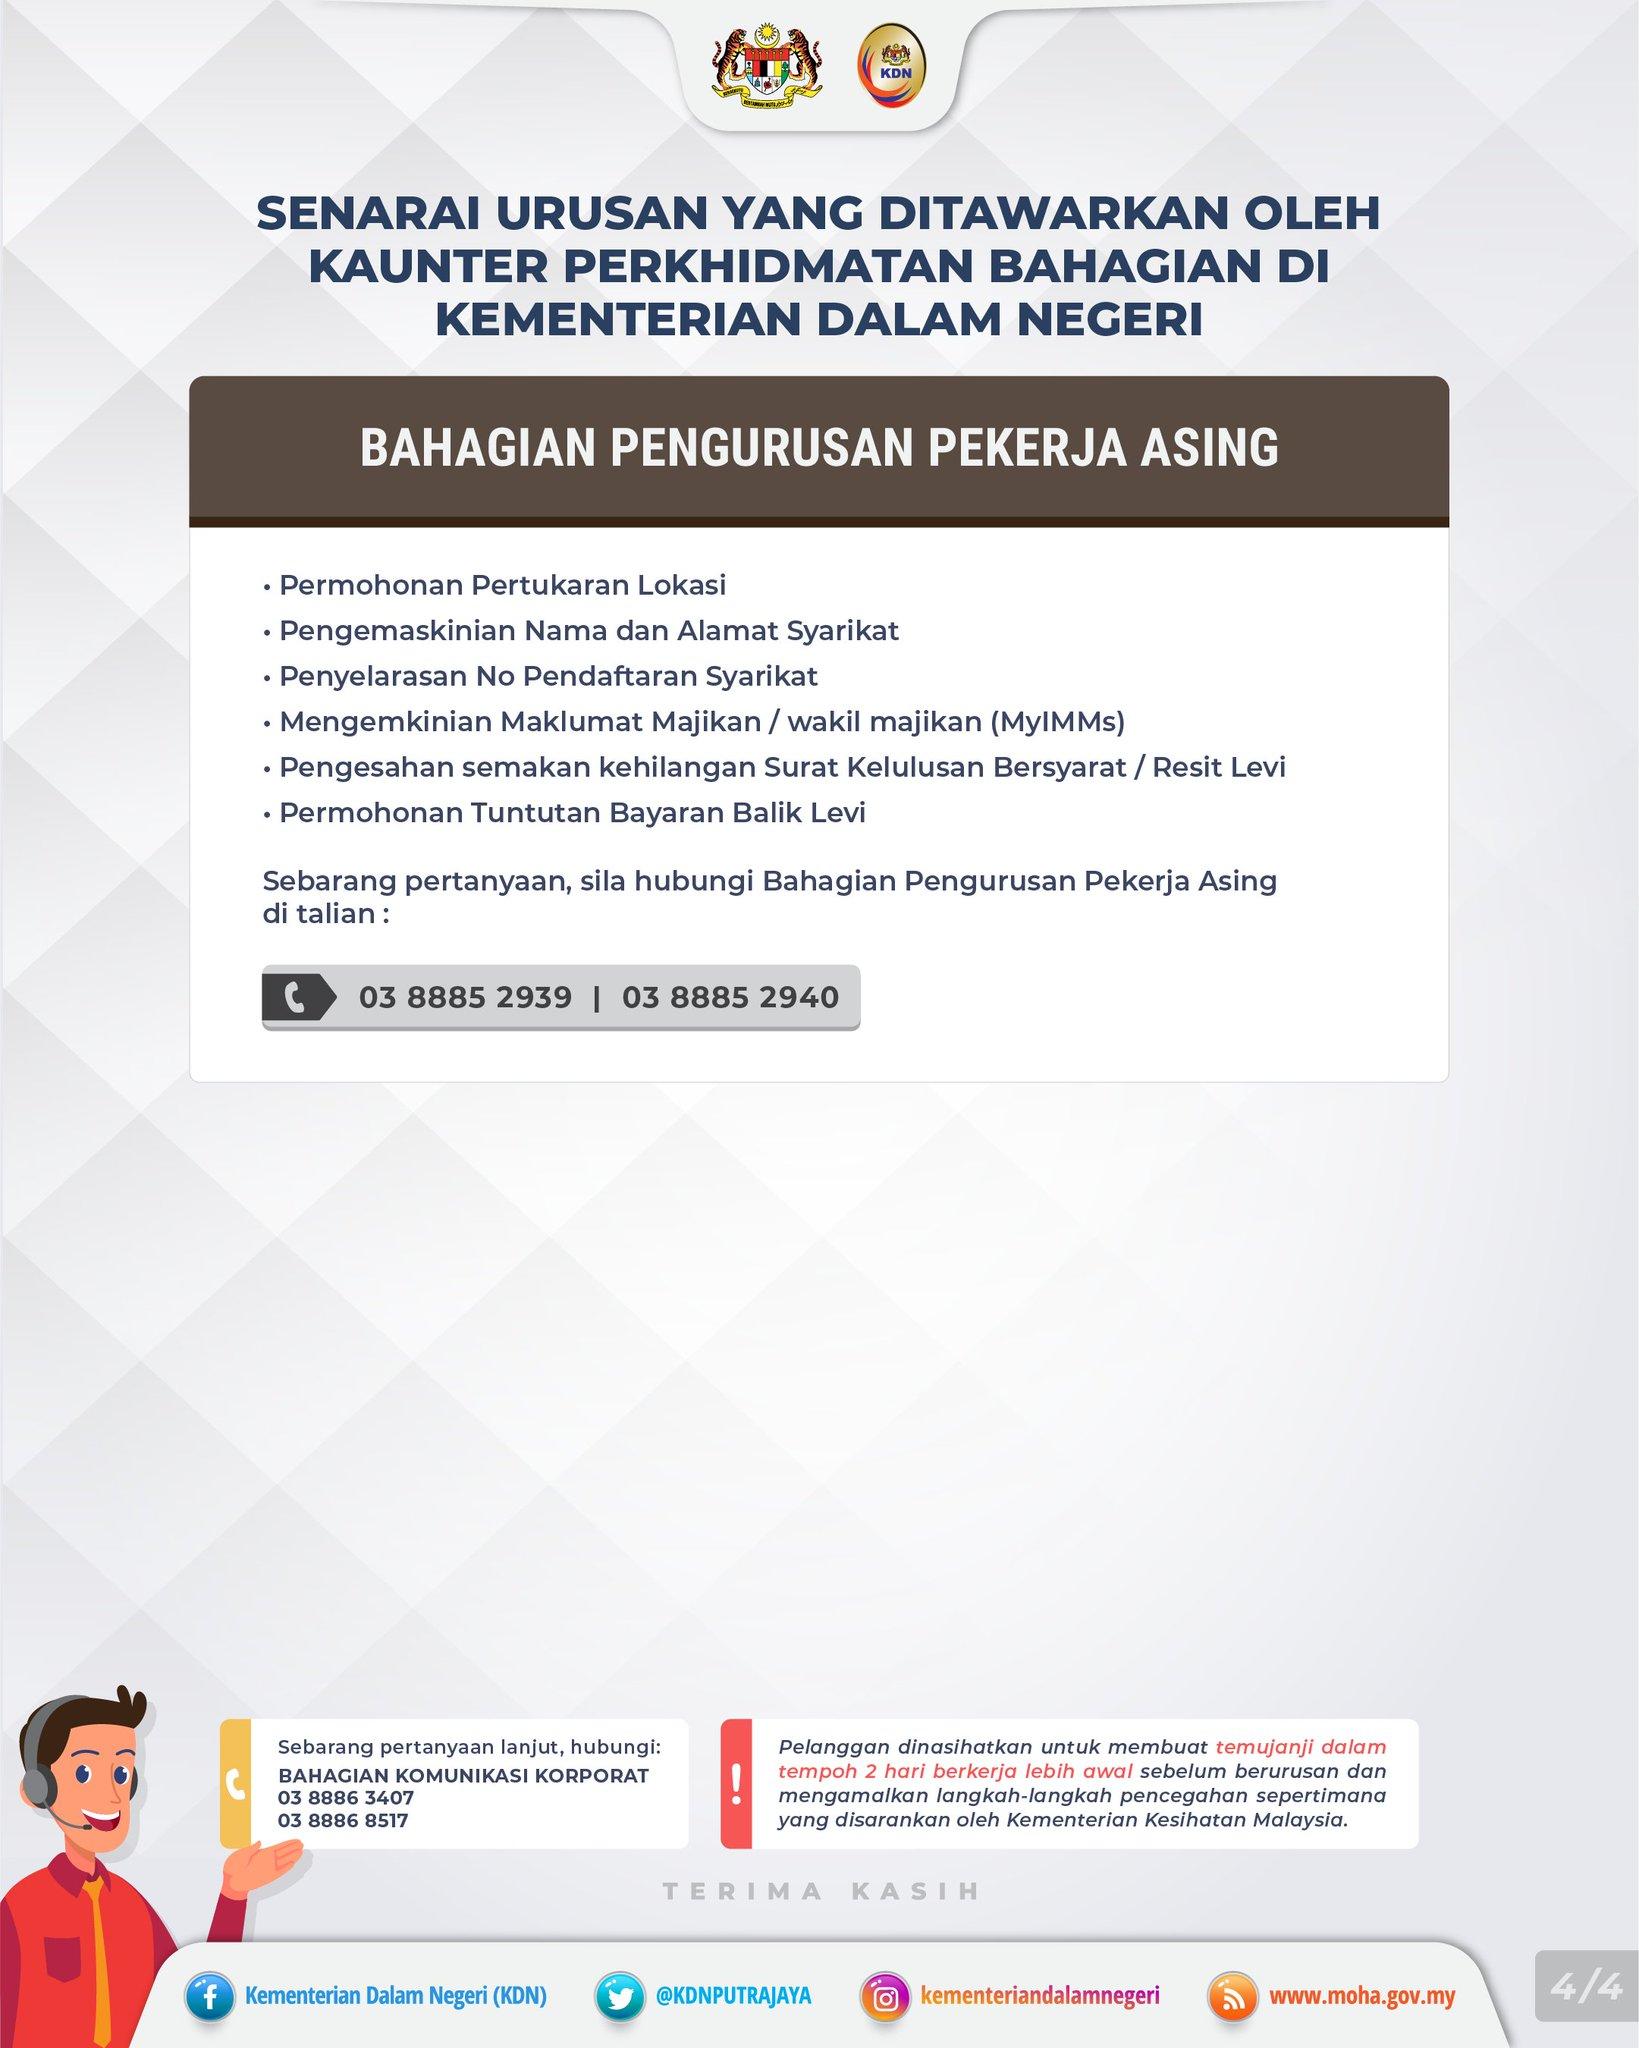 Kdn On Twitter Senarai Urusan Yang Ditawarkan Oleh Kaunter Perkhidmatan Bahagian Di Kementerian Dalam Negeri